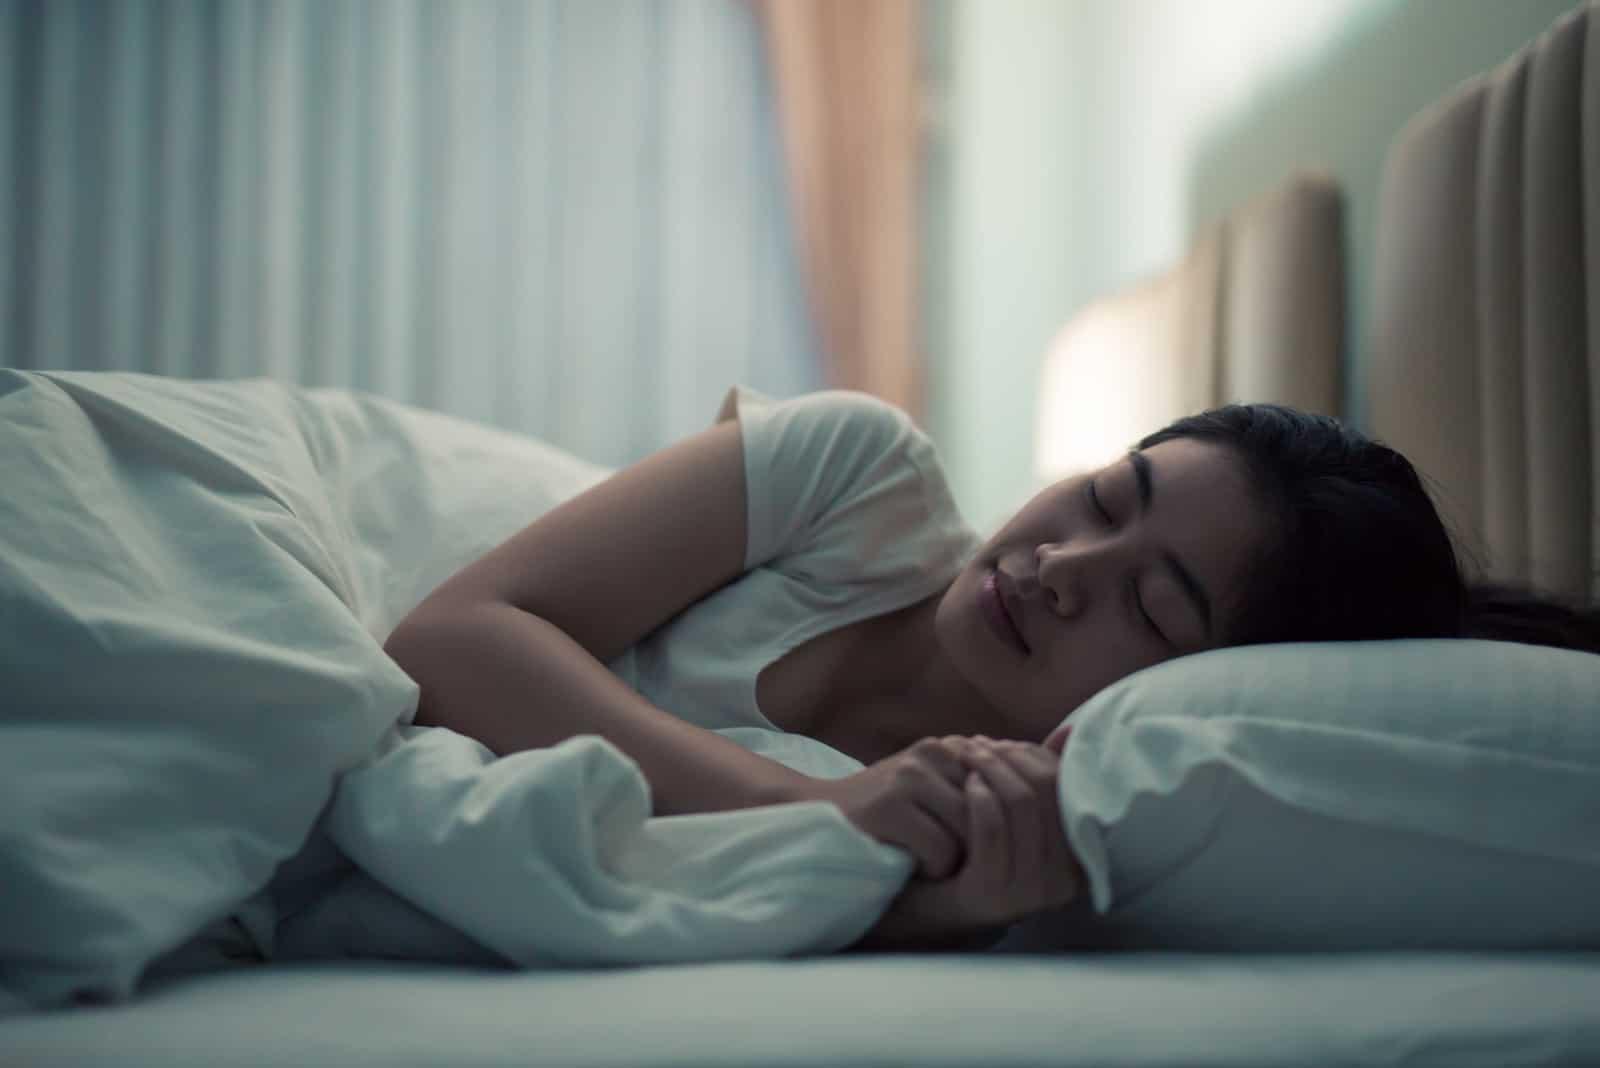 une jeune fille dort dans son lit